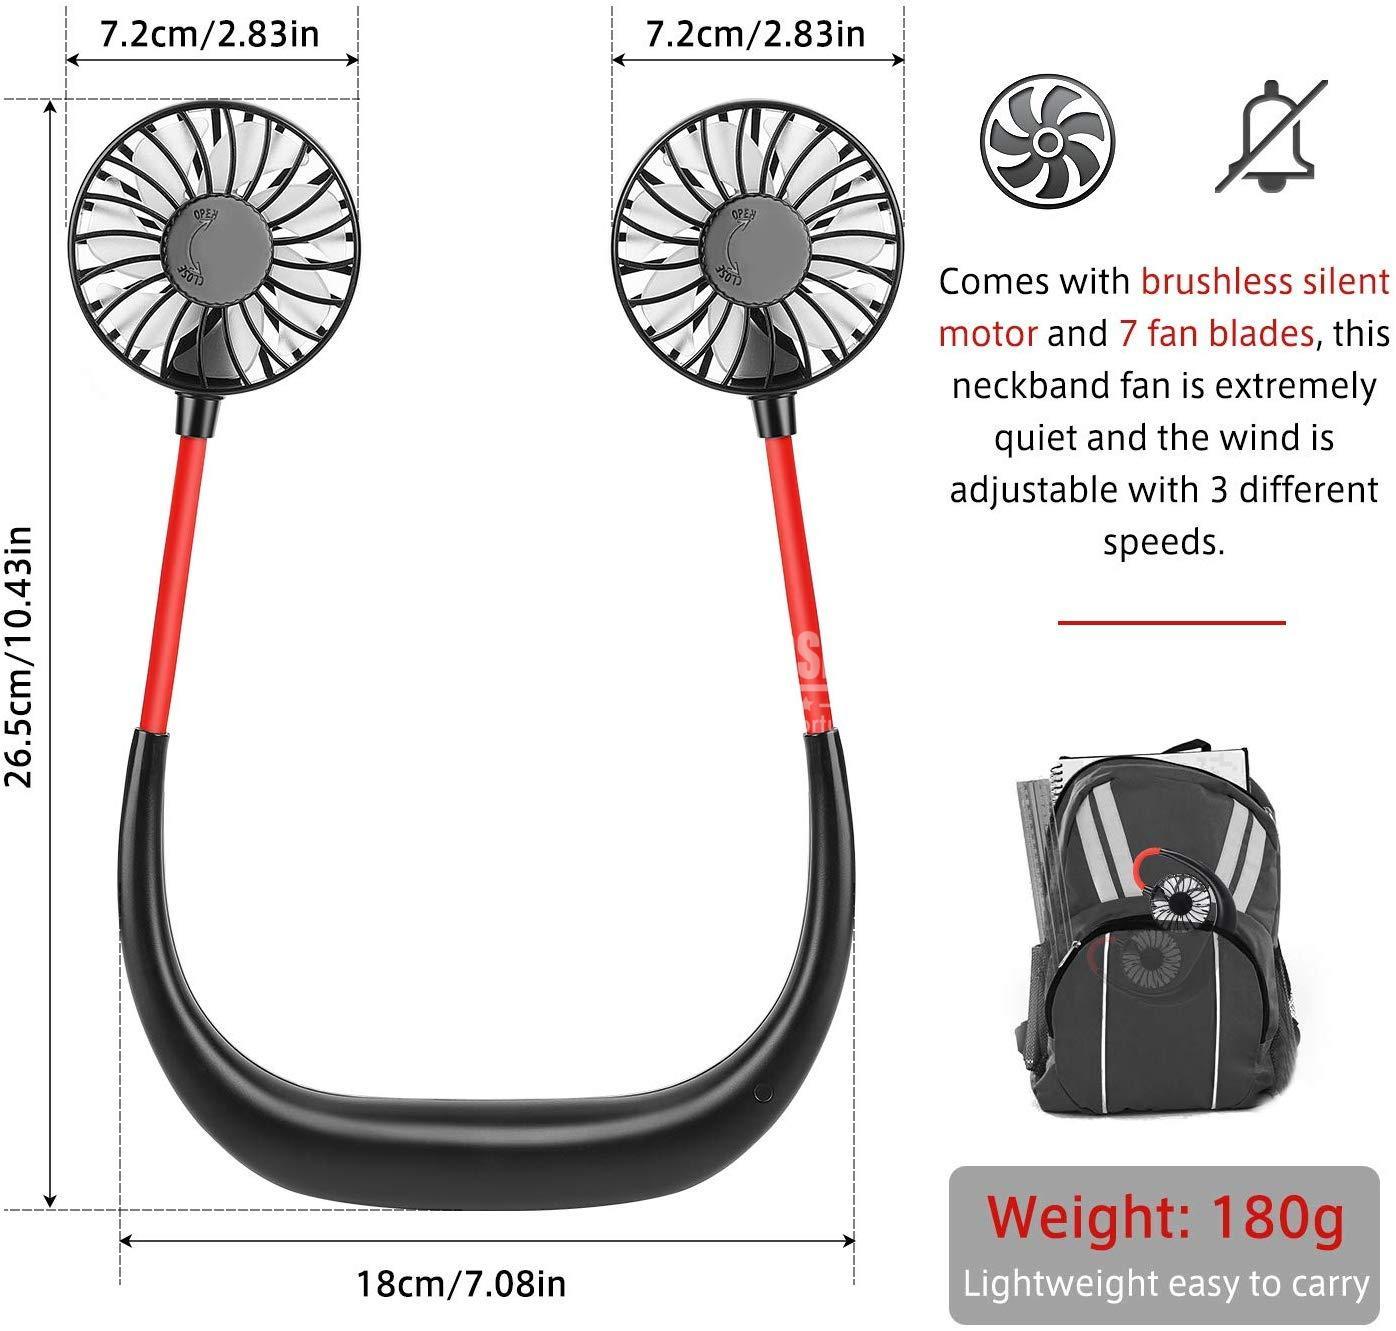 Neck Hanging Sport Fun 360° Portable USB Rechargeable Mini ventilateur portatif de bande de cou avec le refroidisseur d'air Rechargeable d'usb pour le bureau extérieur de voyage portatif beloccasion maroc